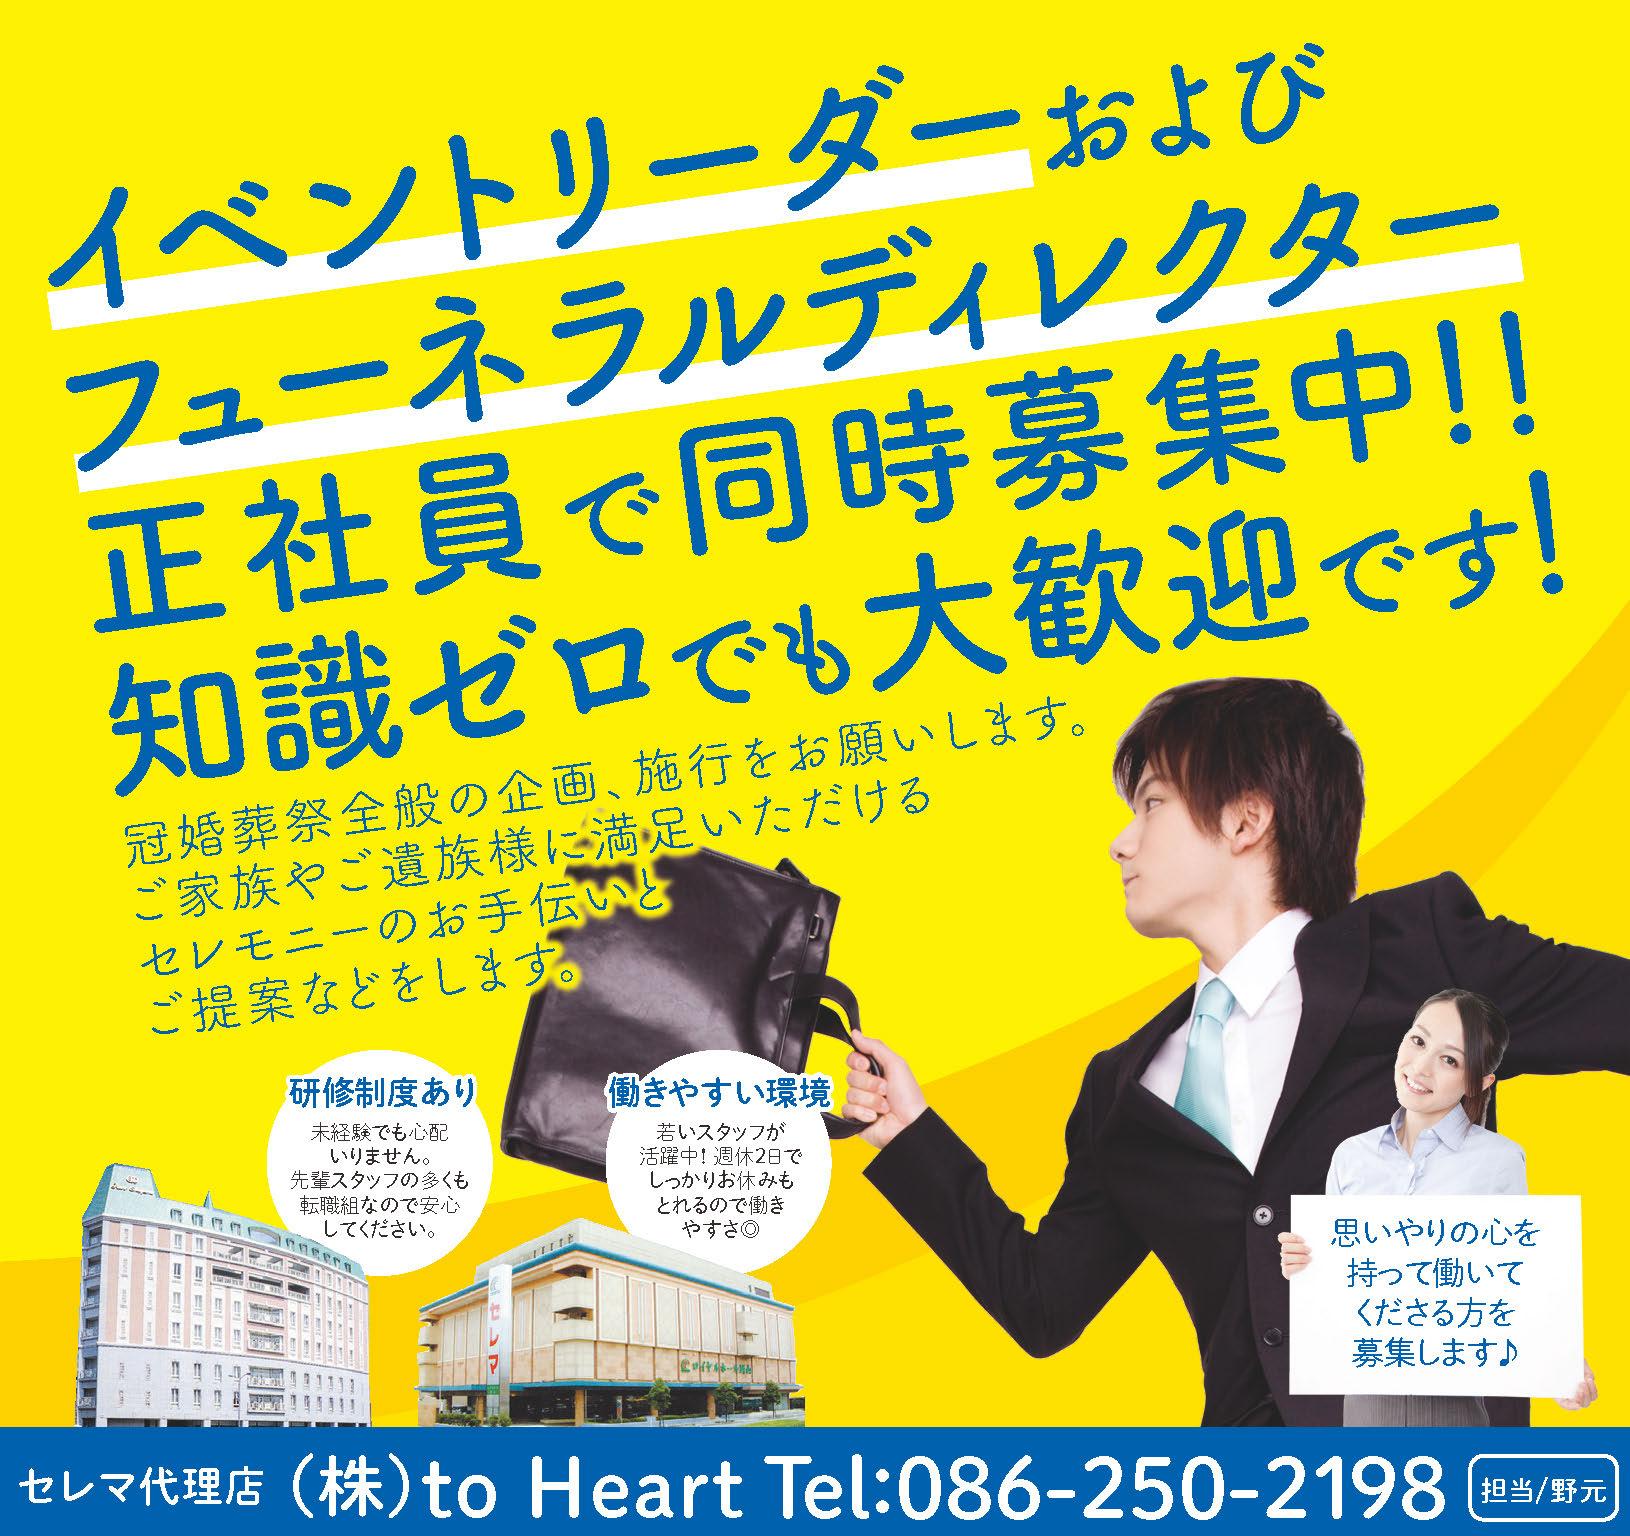 セレマ代理店 株式会社to Heartイベントリーダー画像